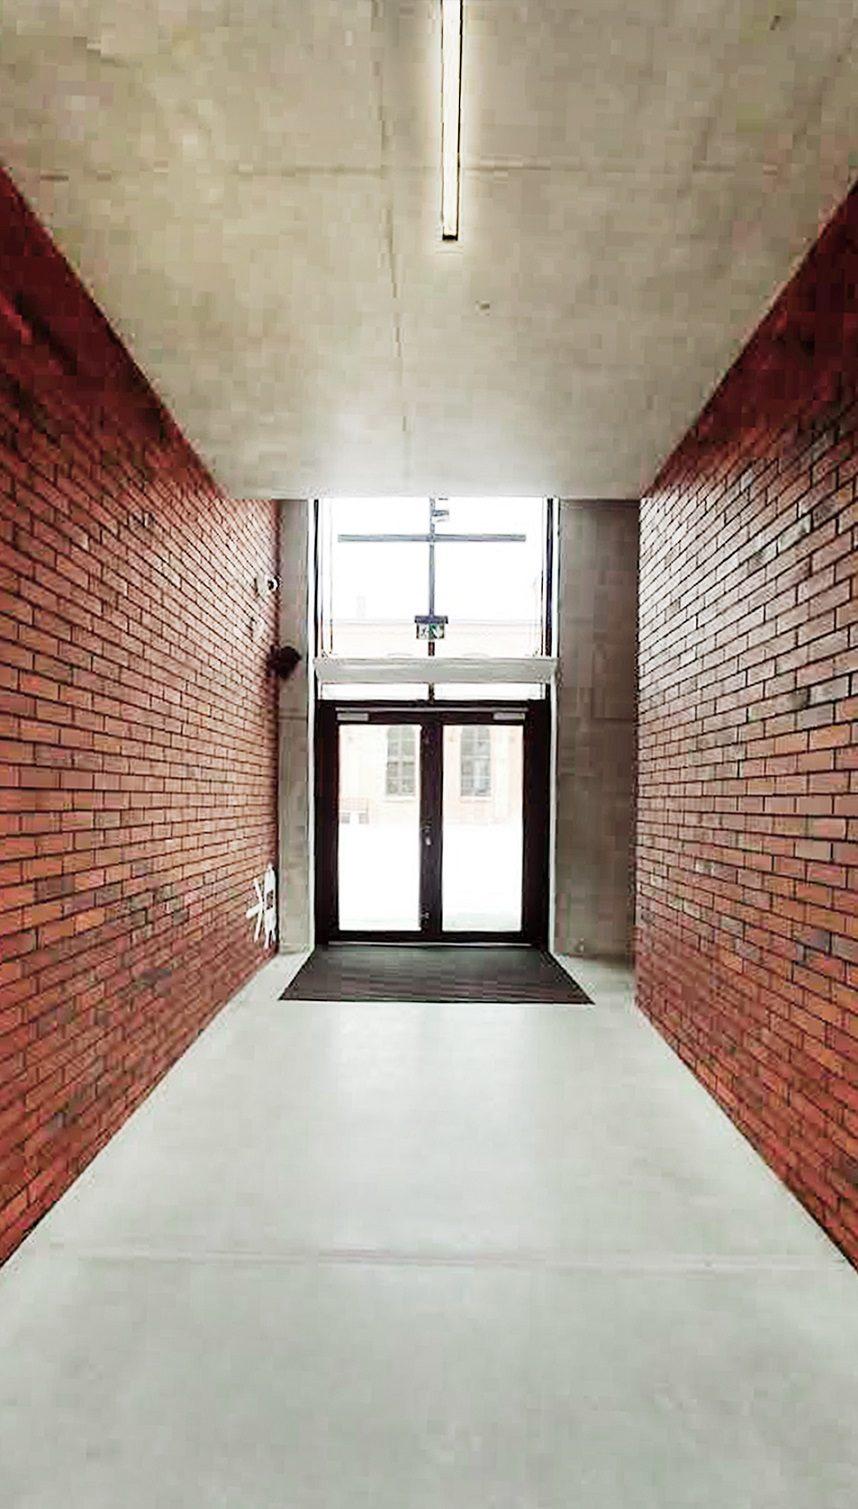 projekt architektoniczny centrum przesiadkowego